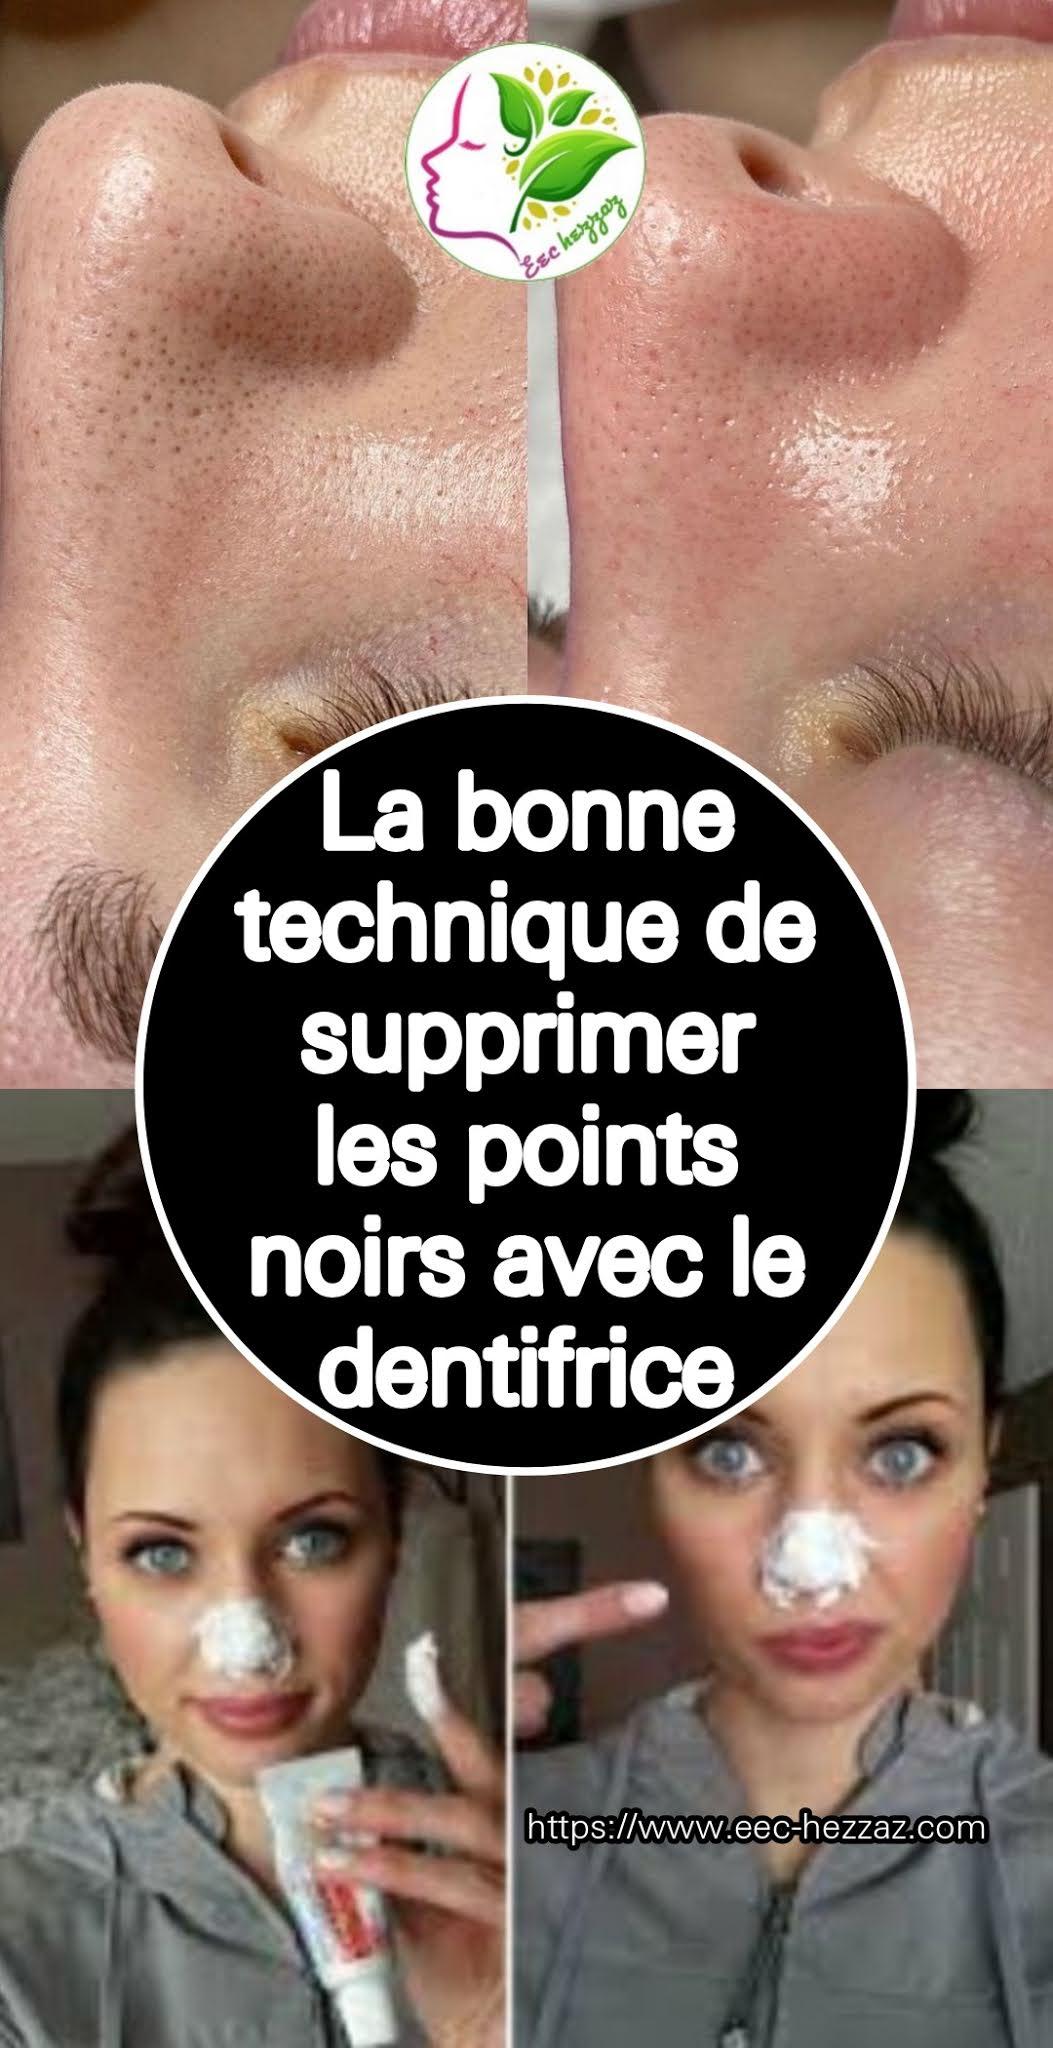 La bonne technique de supprimer les points noirs avec le dentifrice